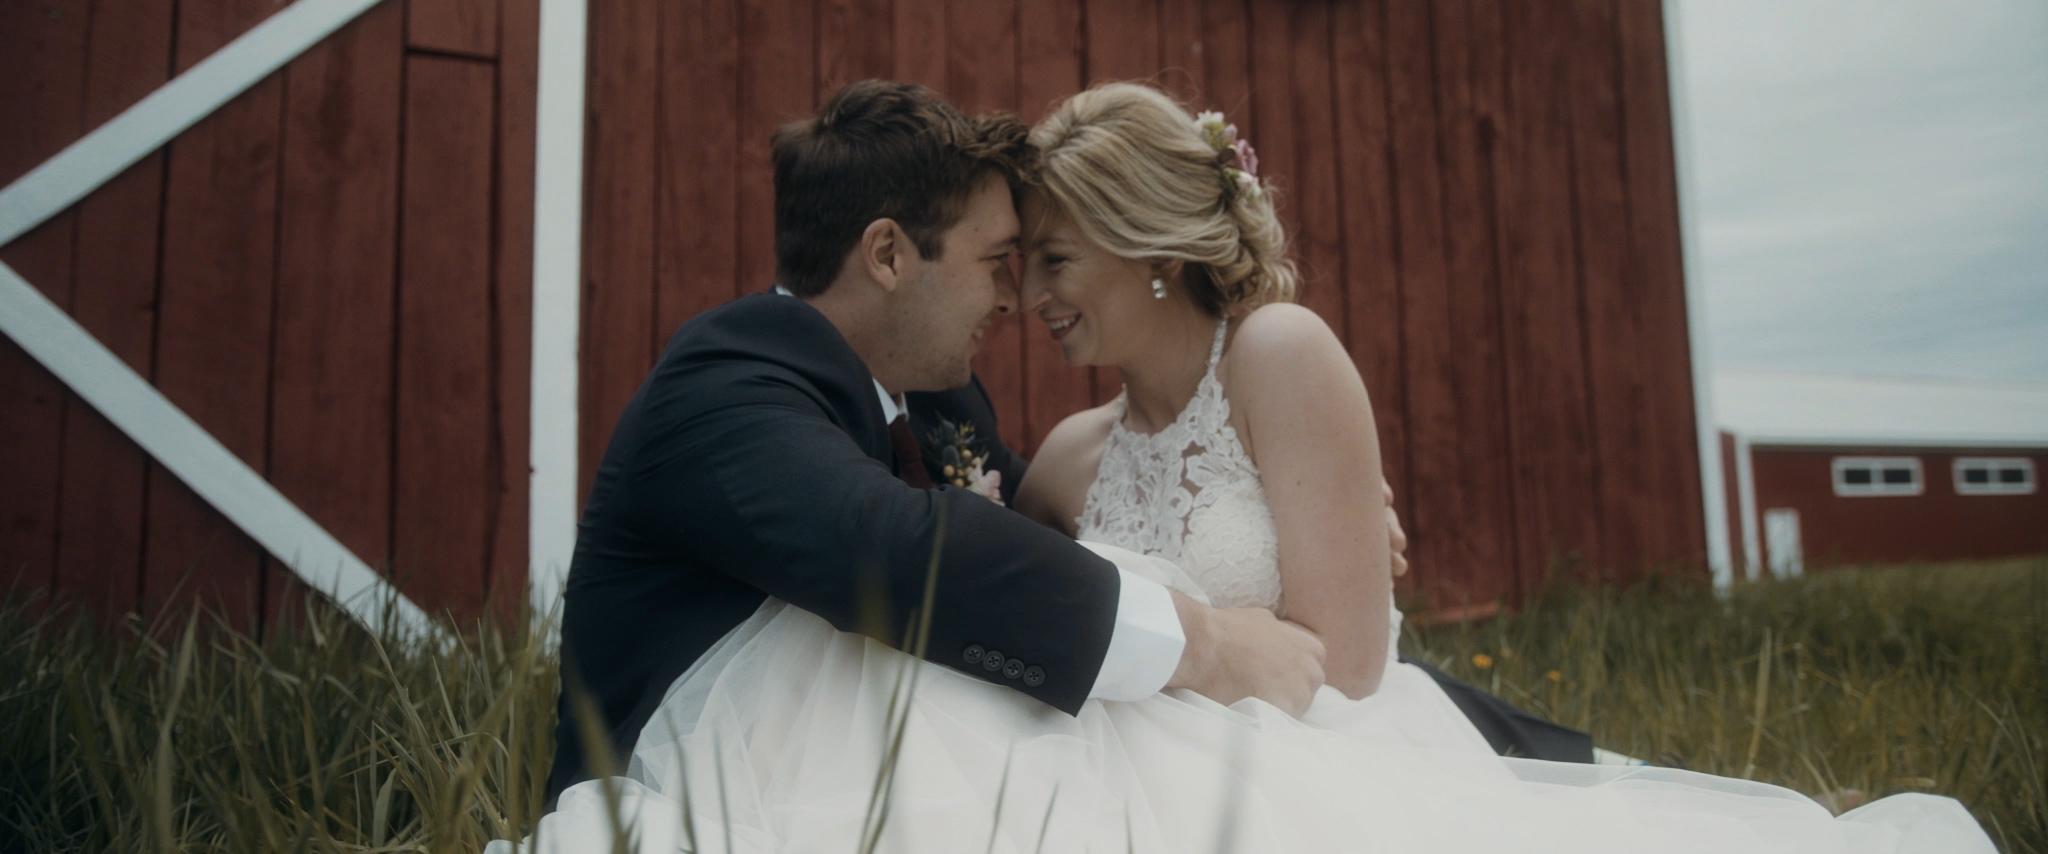 HAVENS_Wedding_Film.00_07_21_21.Still084.jpg